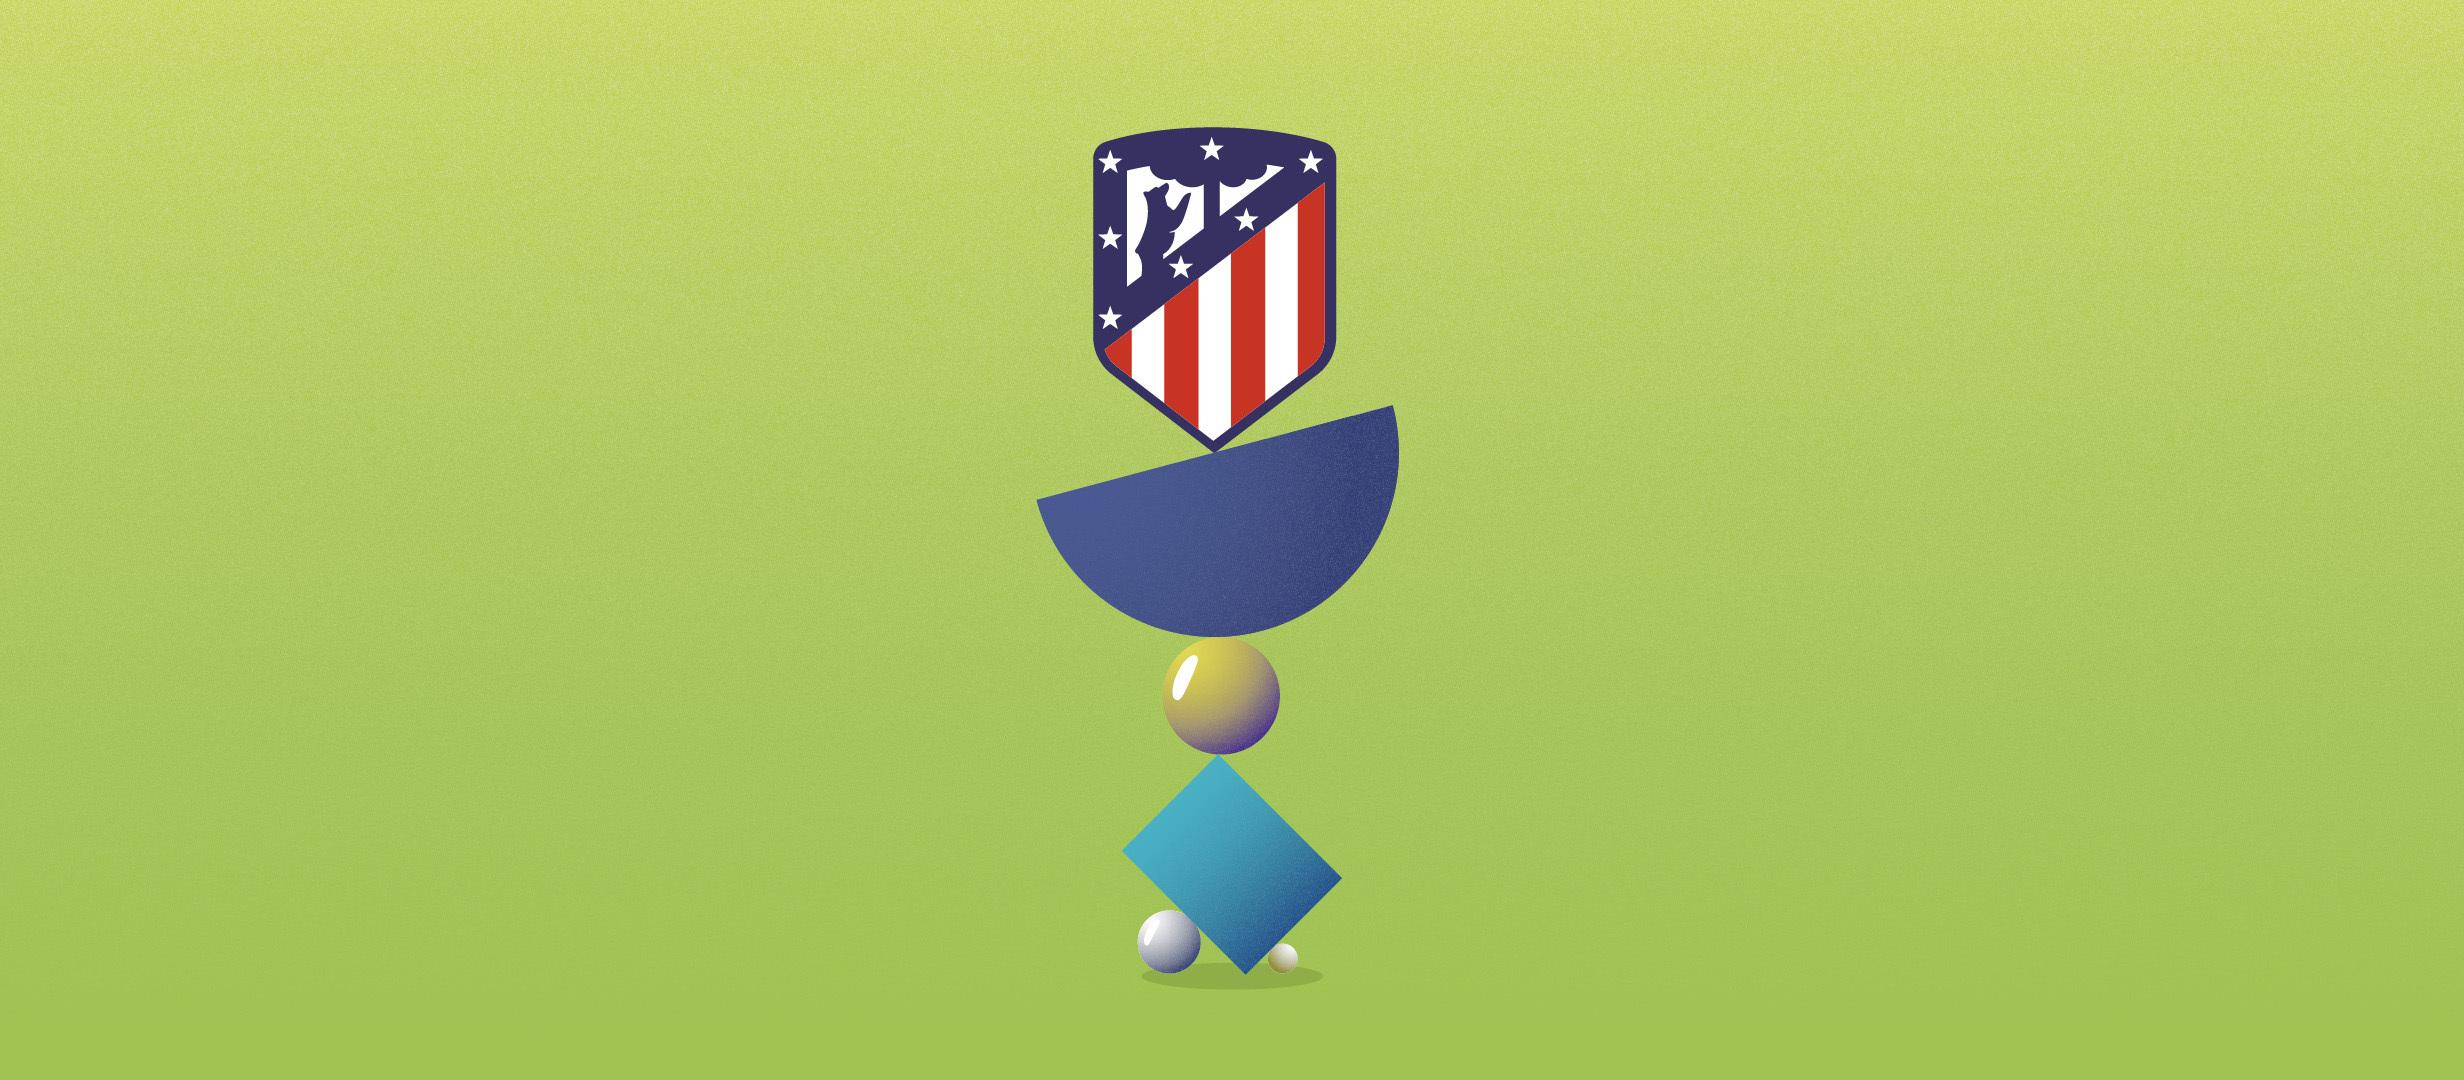 El Atlético de Madrid es el club más estable de La Liga: Simeone defenderá título y peleará por la Champions